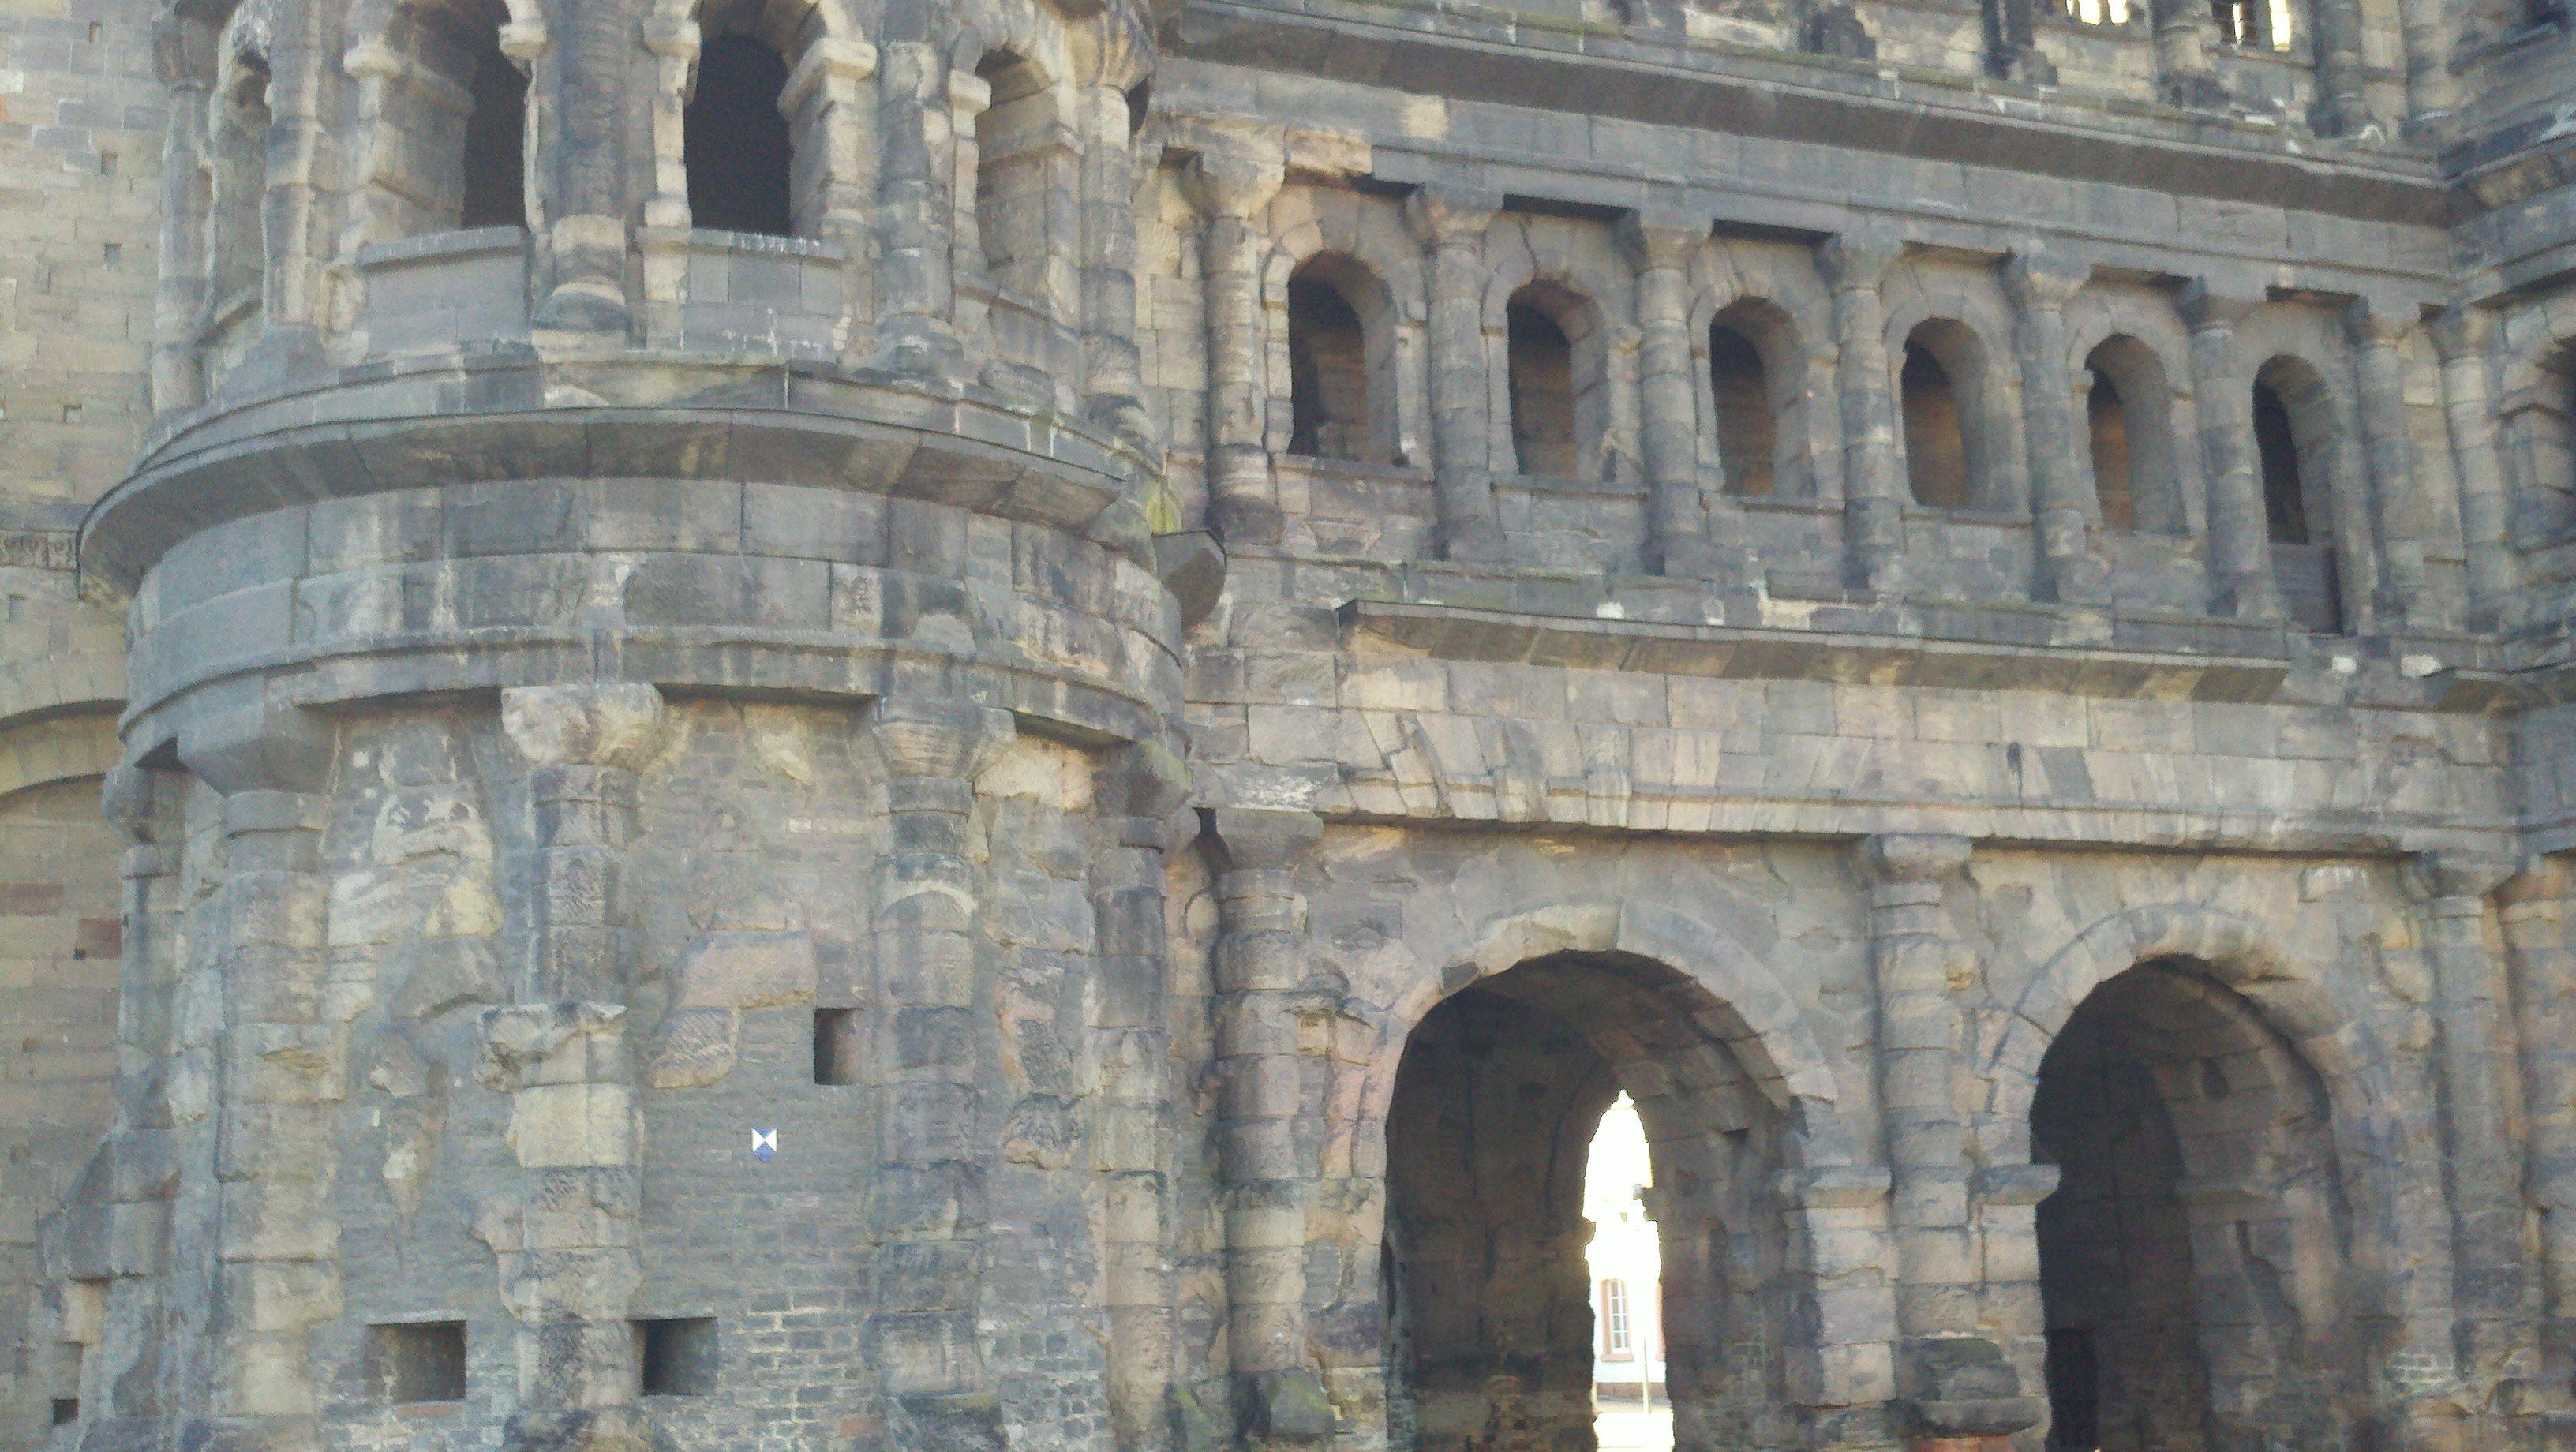 Porta Negra, Treir (Germany)